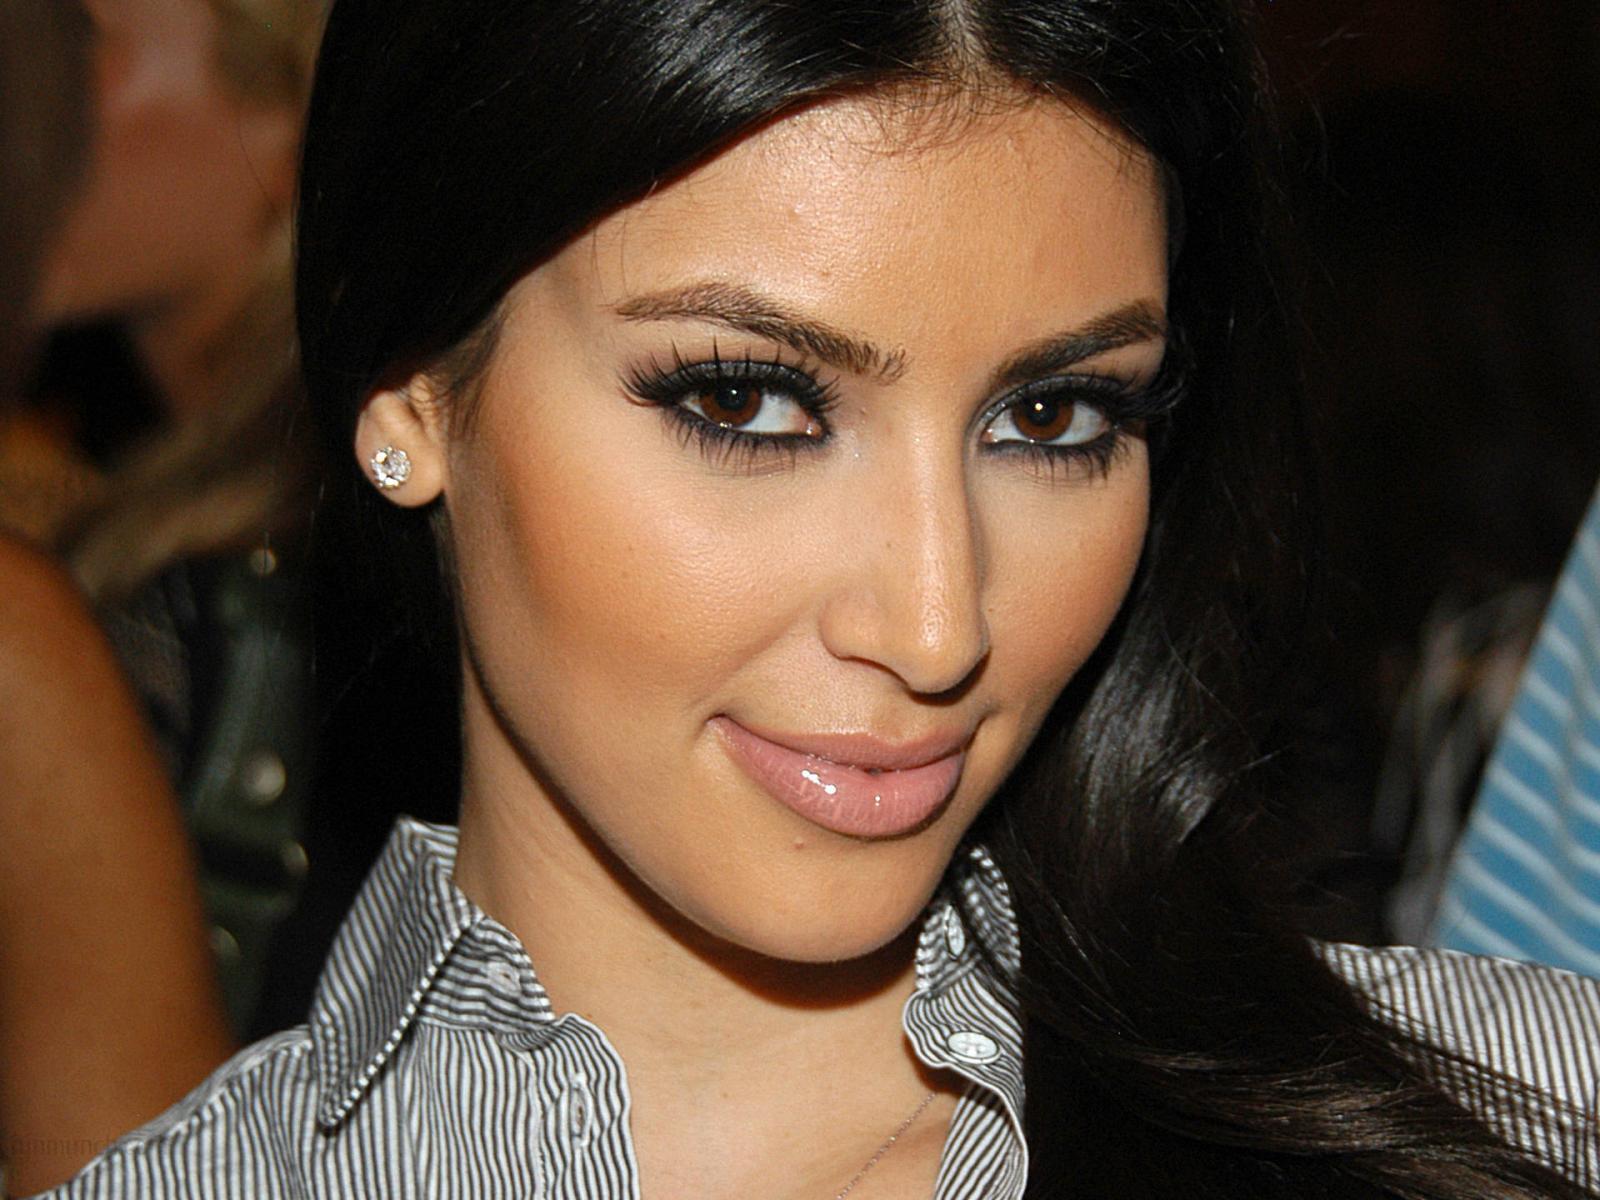 http://3.bp.blogspot.com/-Ouz7GNQXErc/T6ZnYPO62HI/AAAAAAAABFQ/QOPF72c5WOY/s1600/Kim+karadashian+HD+wallpaperss.jpg